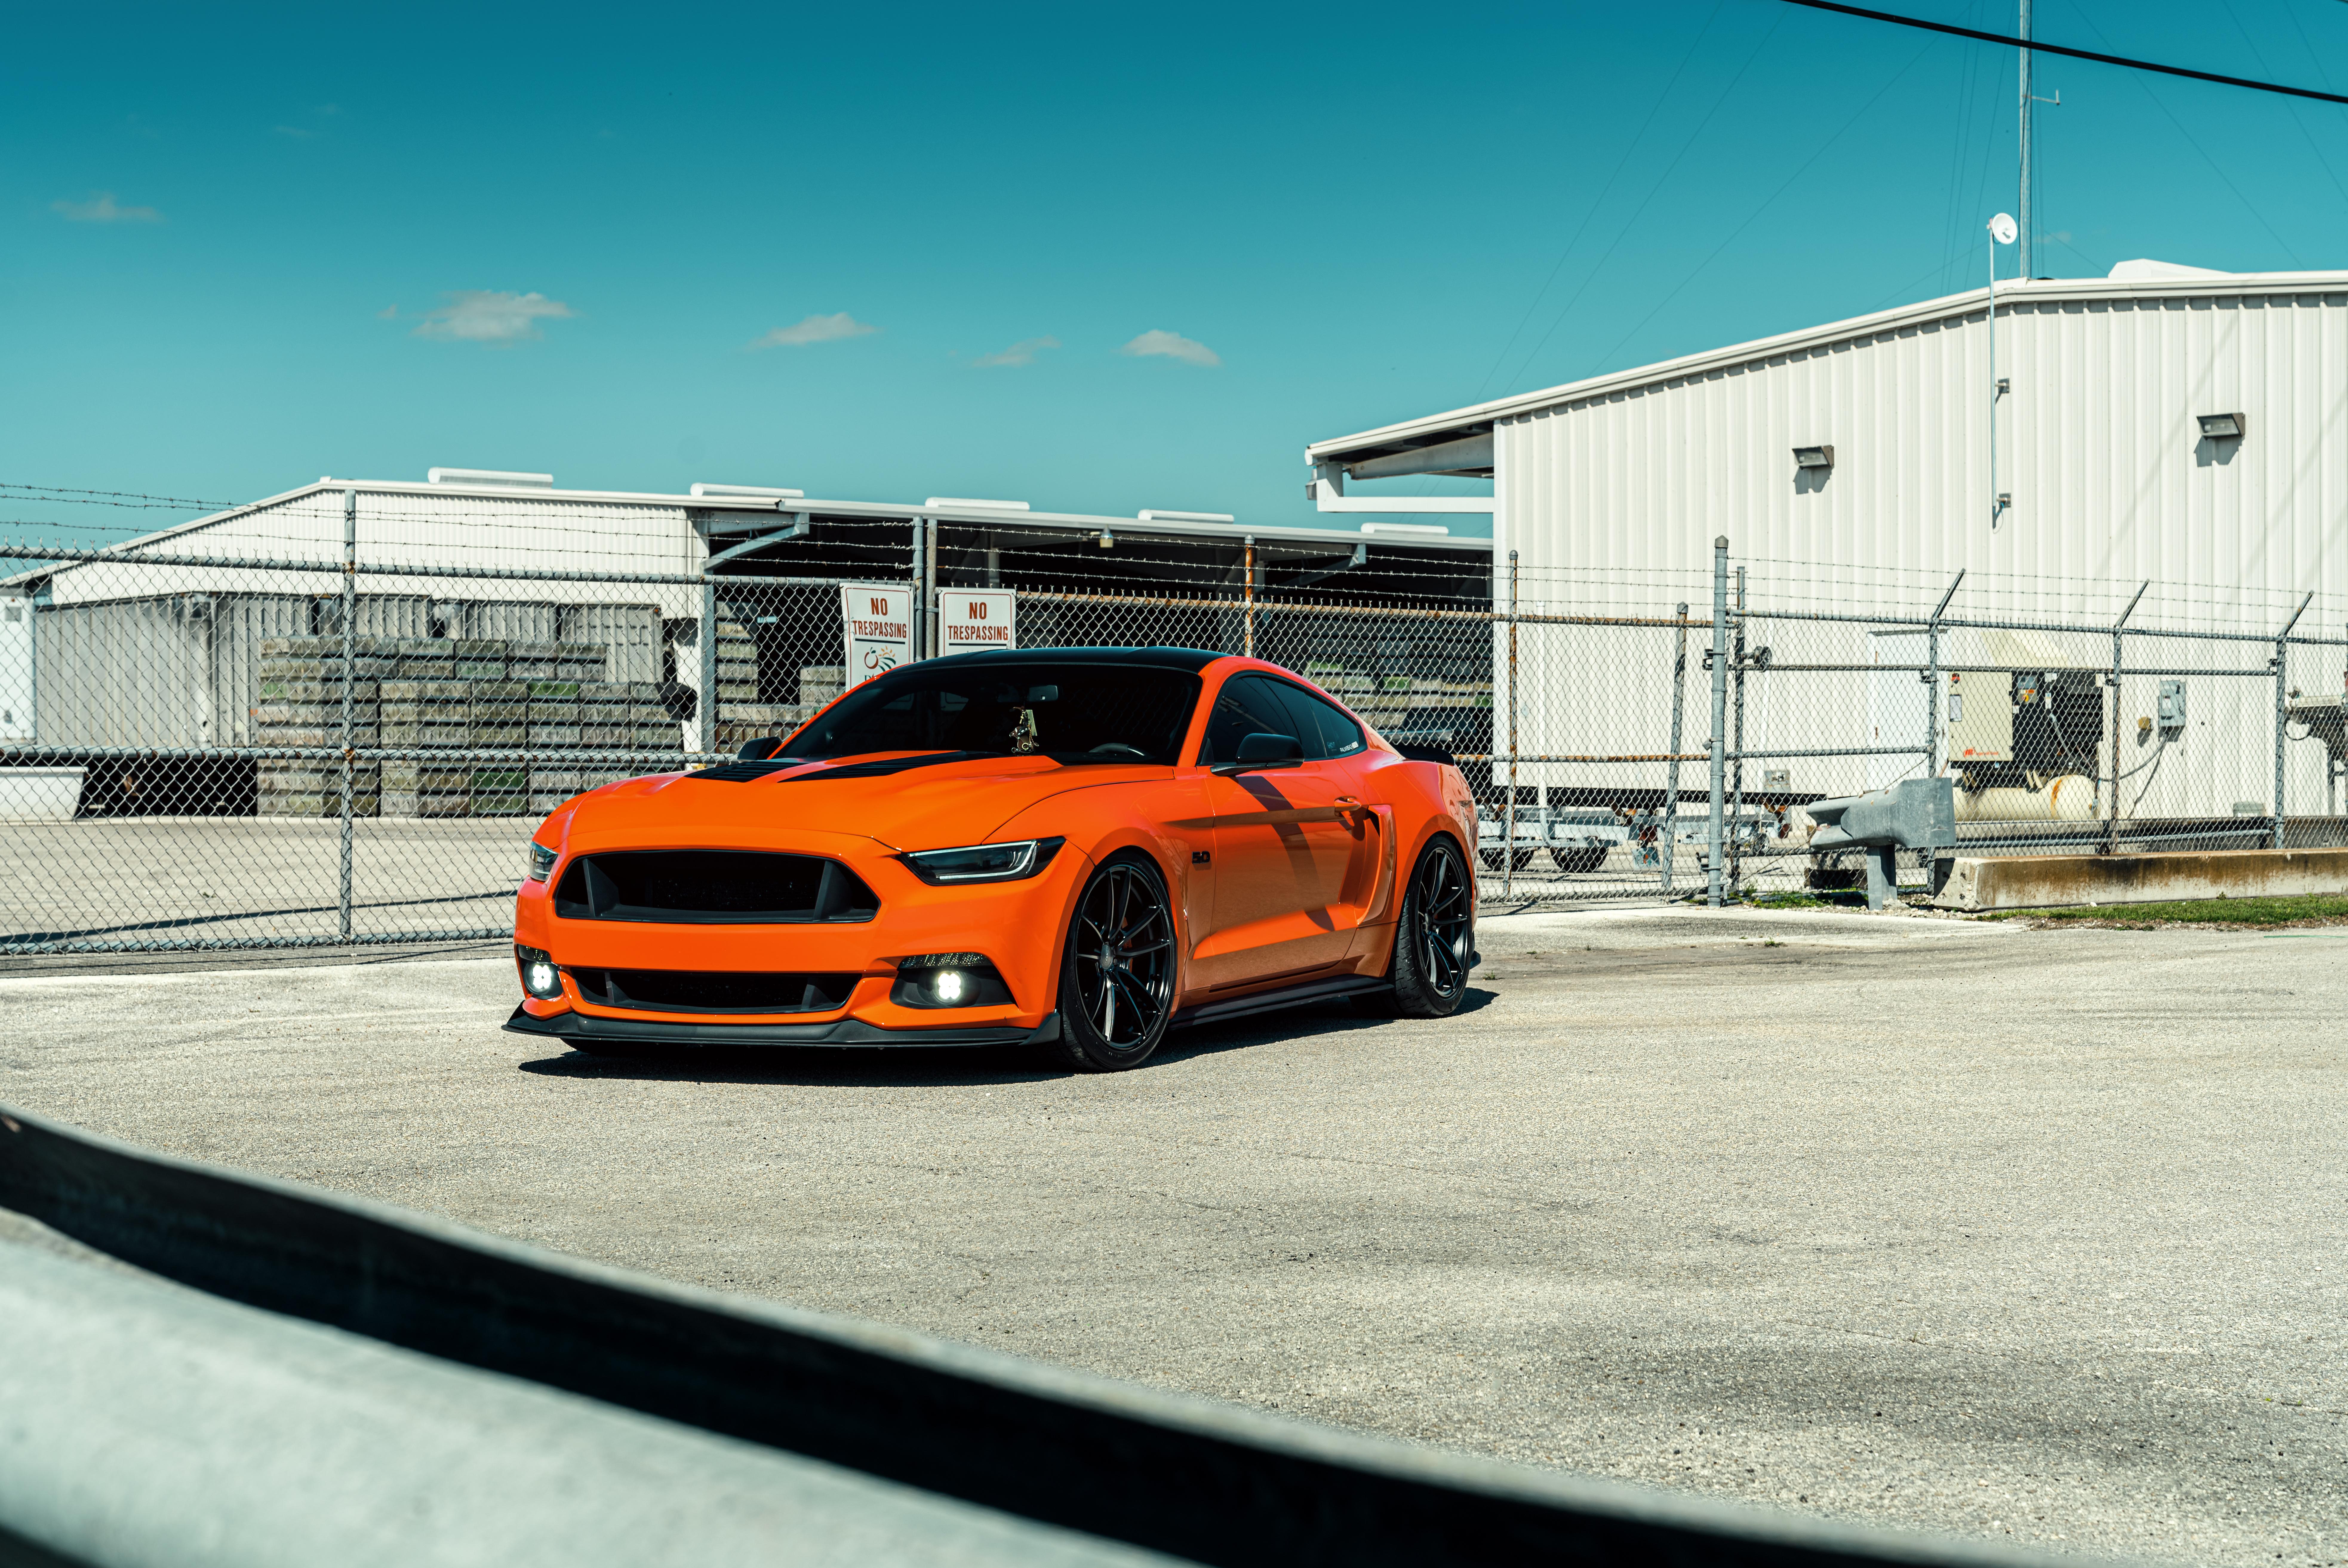 velgen wheels orange mustang 4k 1618923081 - Velgen Wheels Orange Mustang 4k - Velgen Wheels Orange Mustang 4k wallpapers